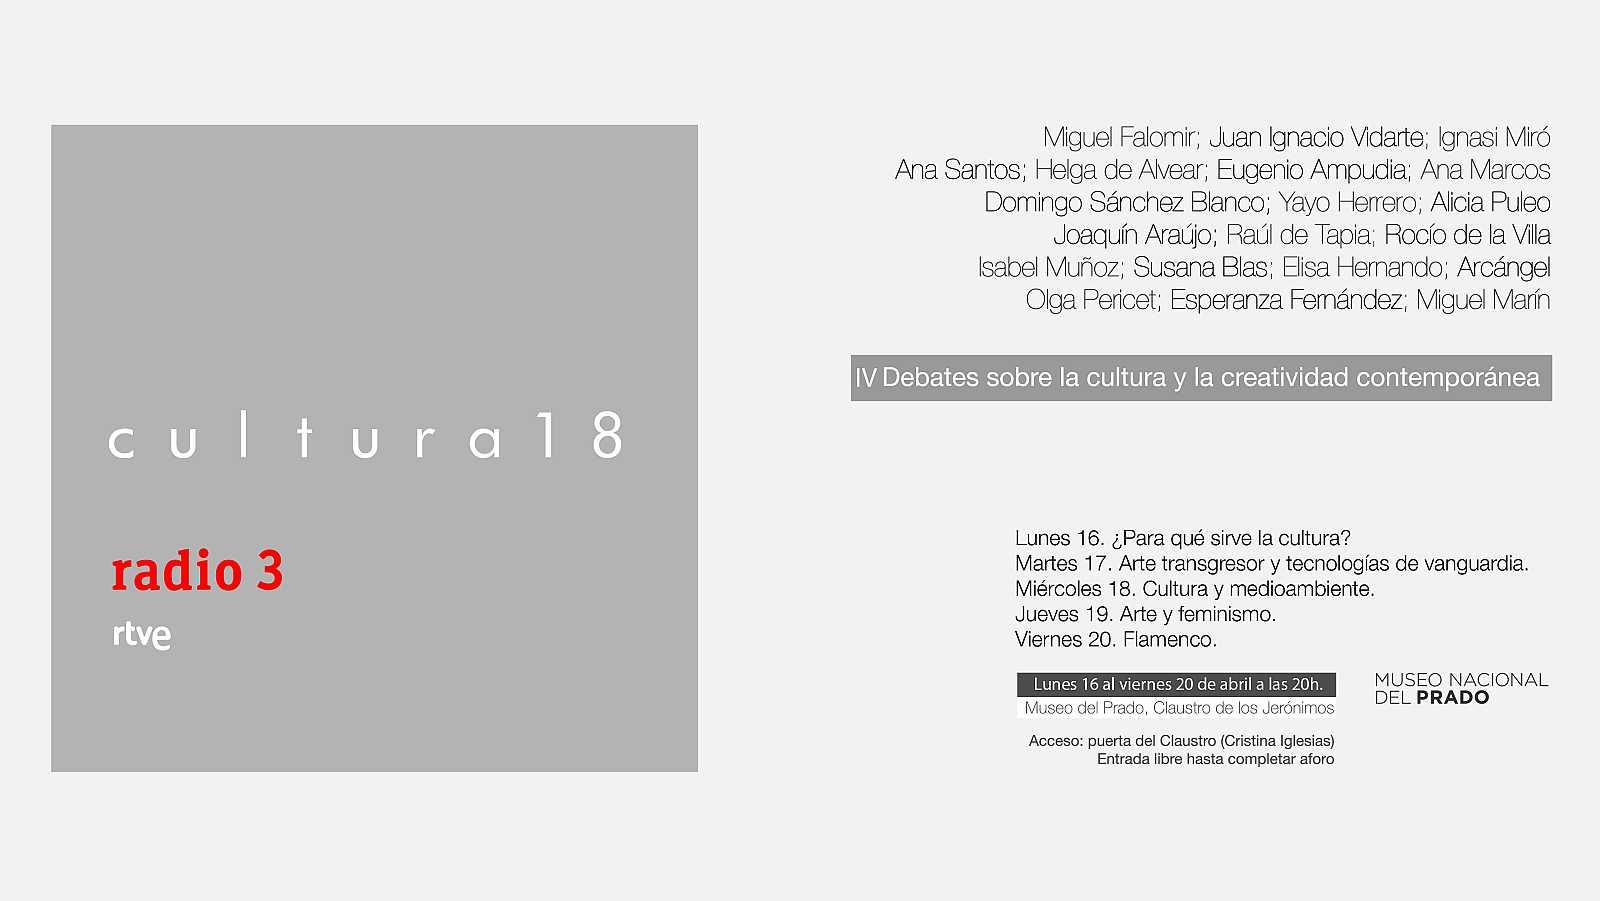 Radio 3 organiza Cultura18, el cuarto foro de debates sobre lacultura en el Museo del Prad